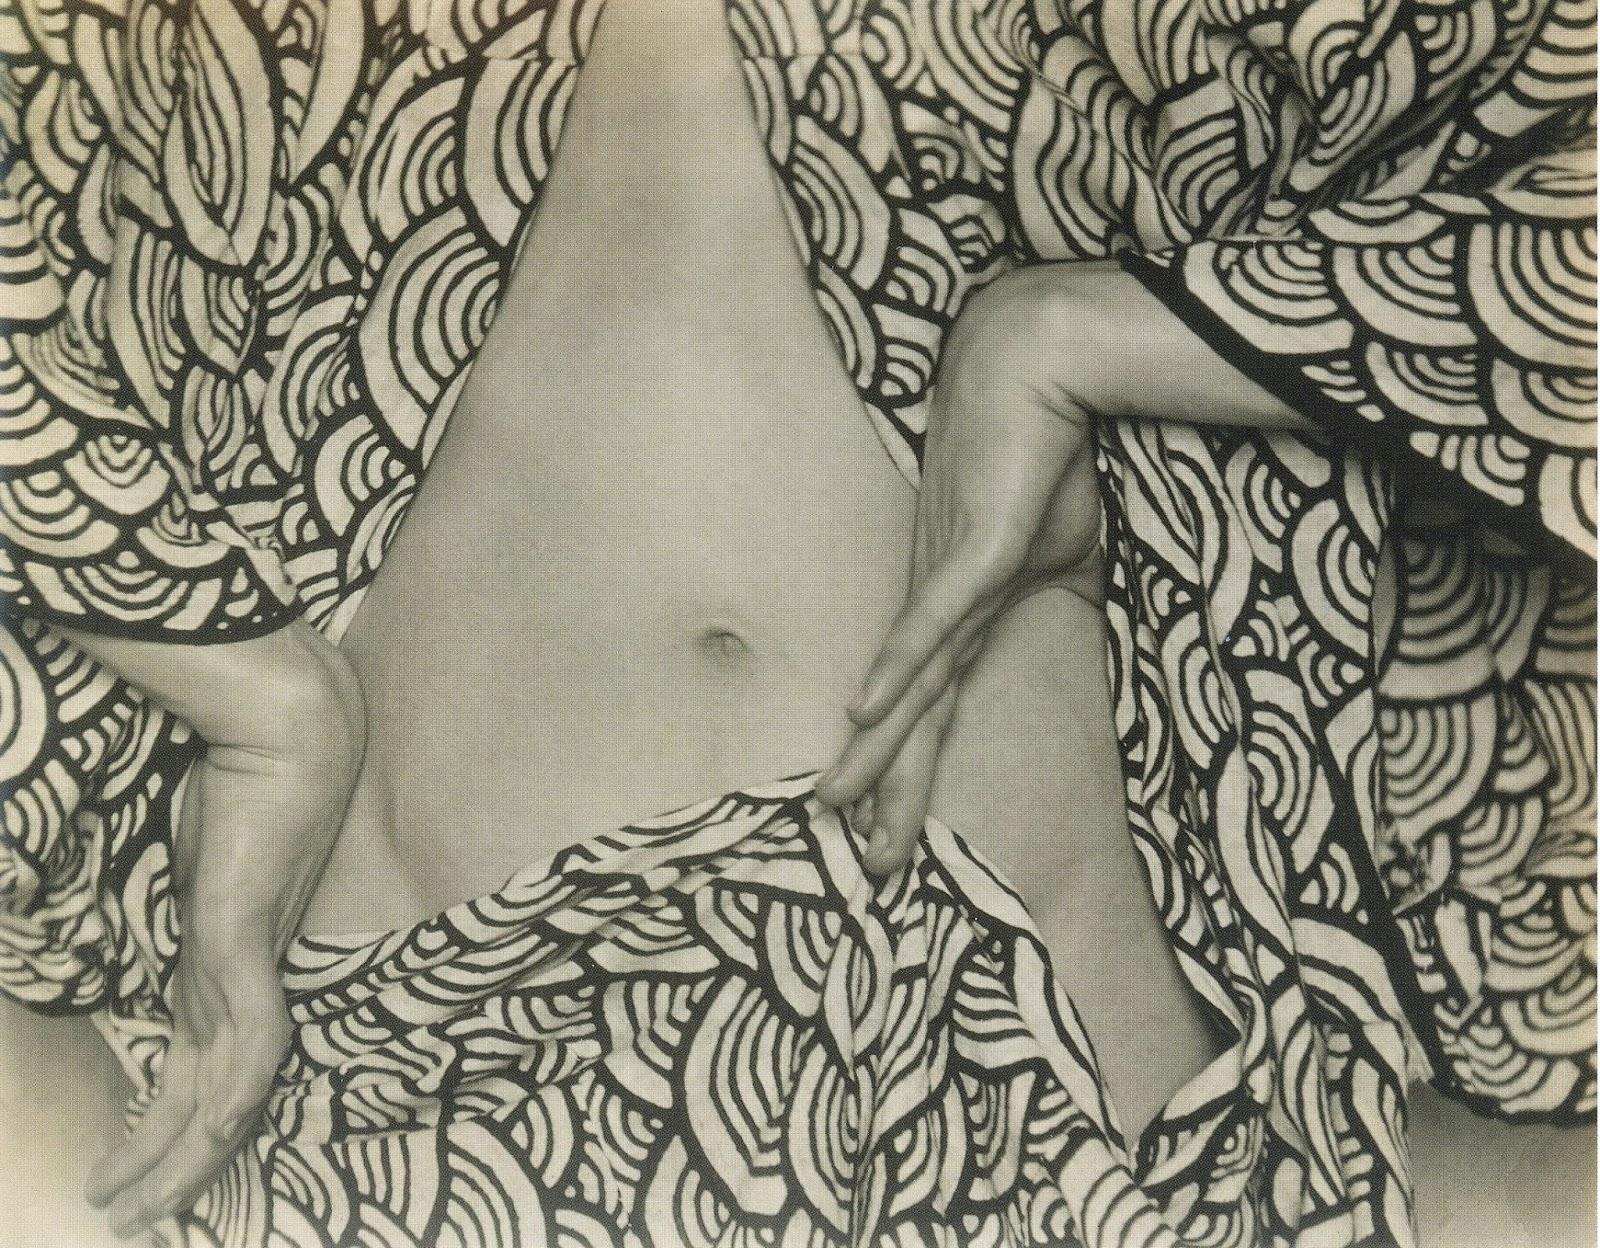 Semi-nude, circa 1923